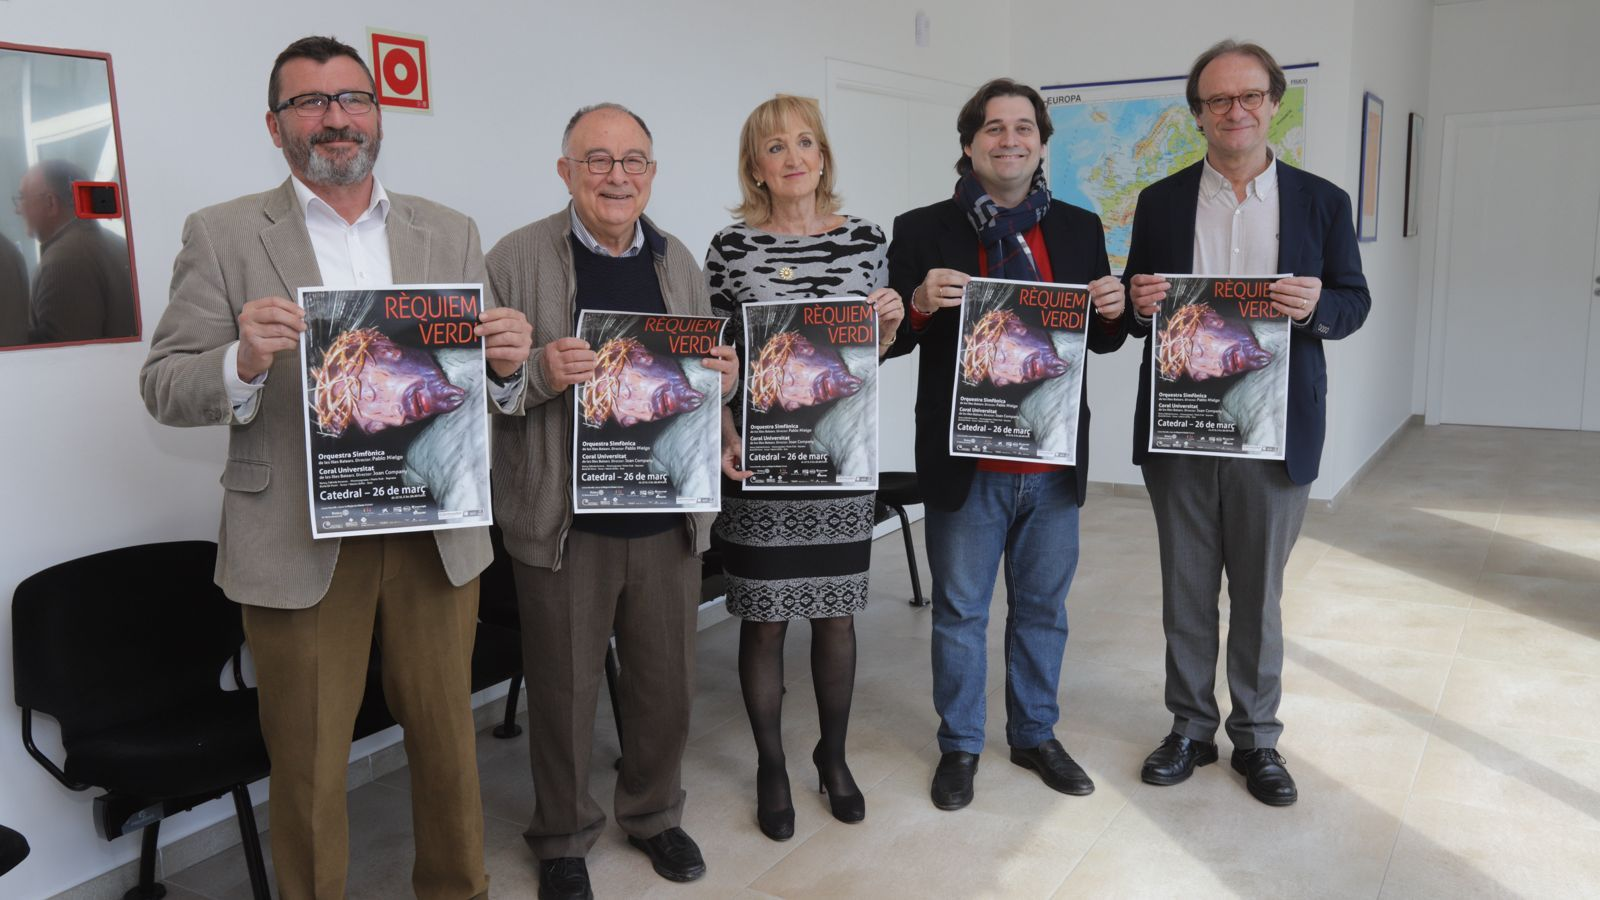 Jesús Mullor, Tomeu Català, Pilar Abad, Pablo Mielgo i Joan Company, han presentat el concert de Requiem dilluns.